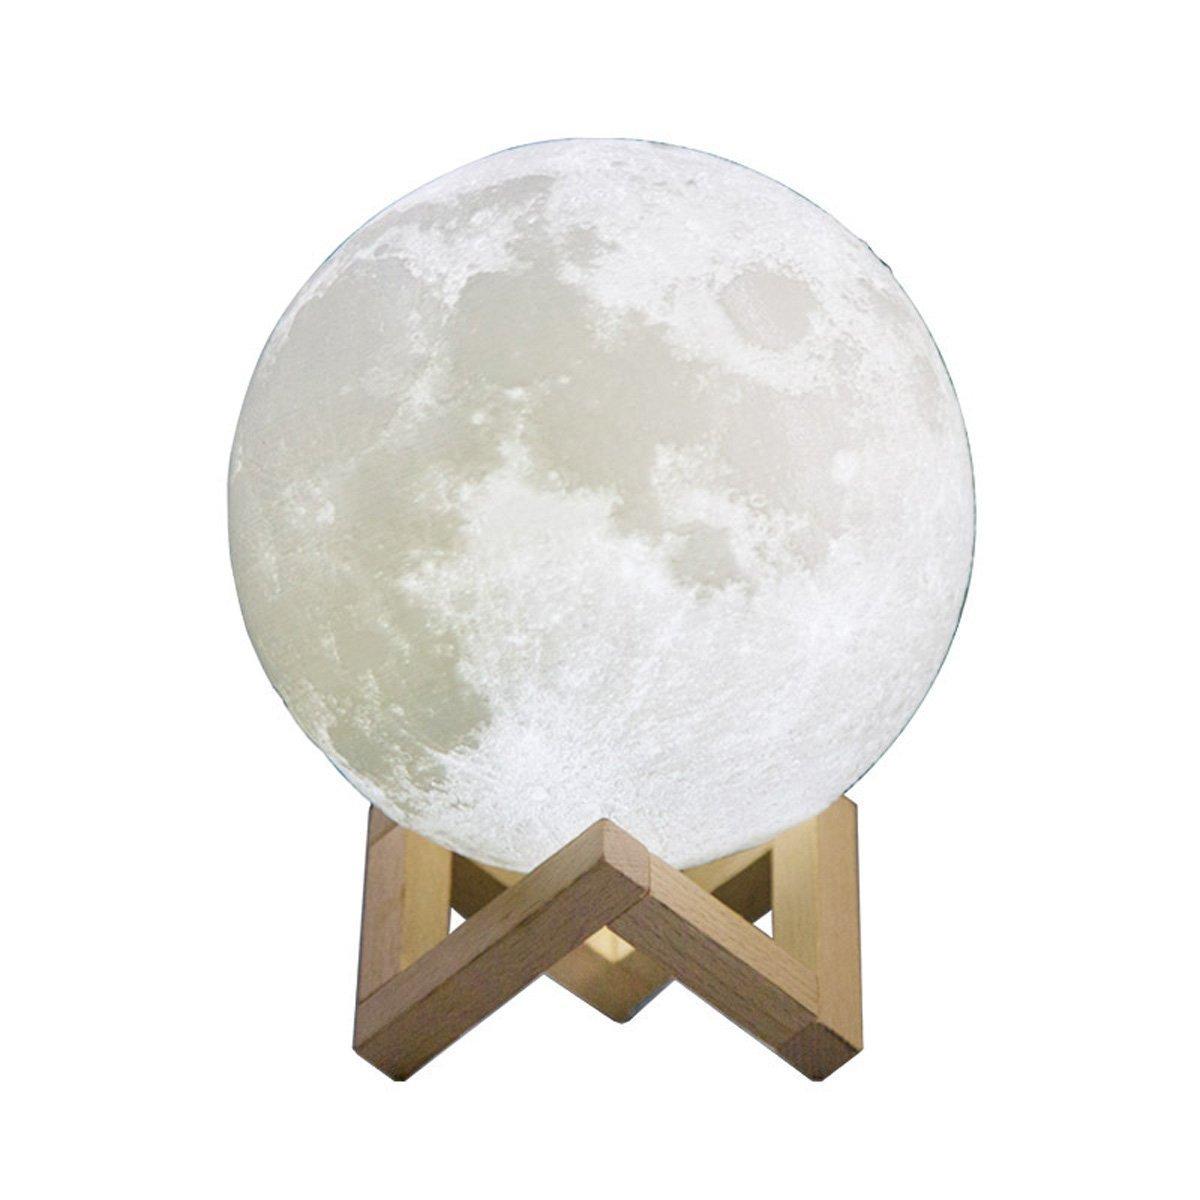 3D Mond Lampe Luna Nachtlicht,KINGCOO LED Nachladbare Touch Helligkeit Gelbe und Weiße Justierbare Schreibtisch Lampe Kind Raum Dekor Geburtstags Weihnachtsgeschenk(9.45 inch 24CM)